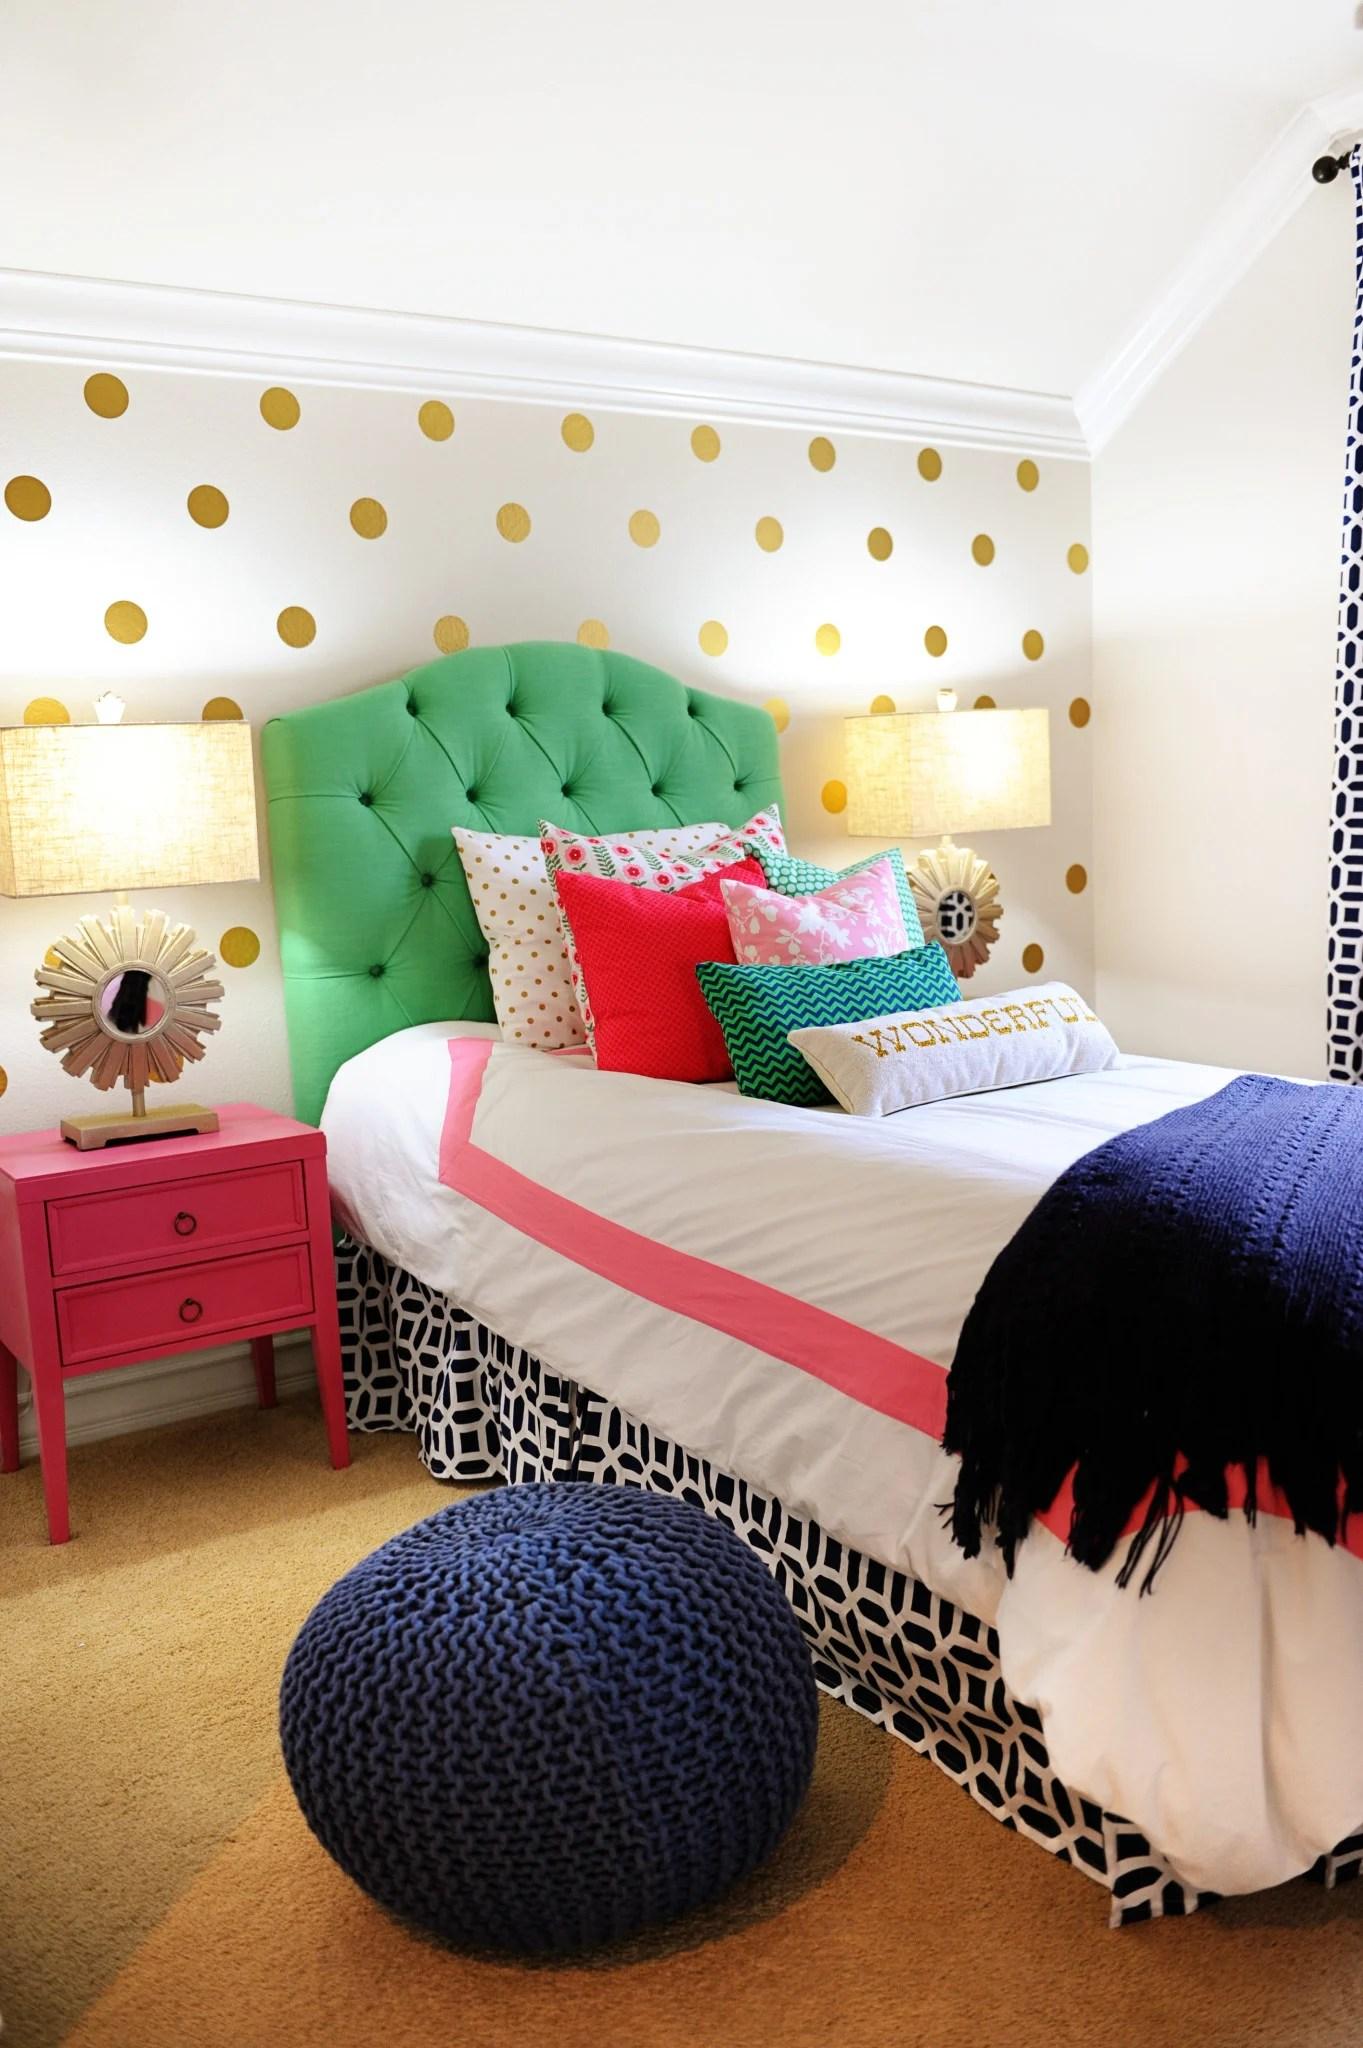 Tween Girl Bedroom Preppy Design / Decor Ideas (Pink, Navy ... on Tween Room Ideas Girl  id=29533